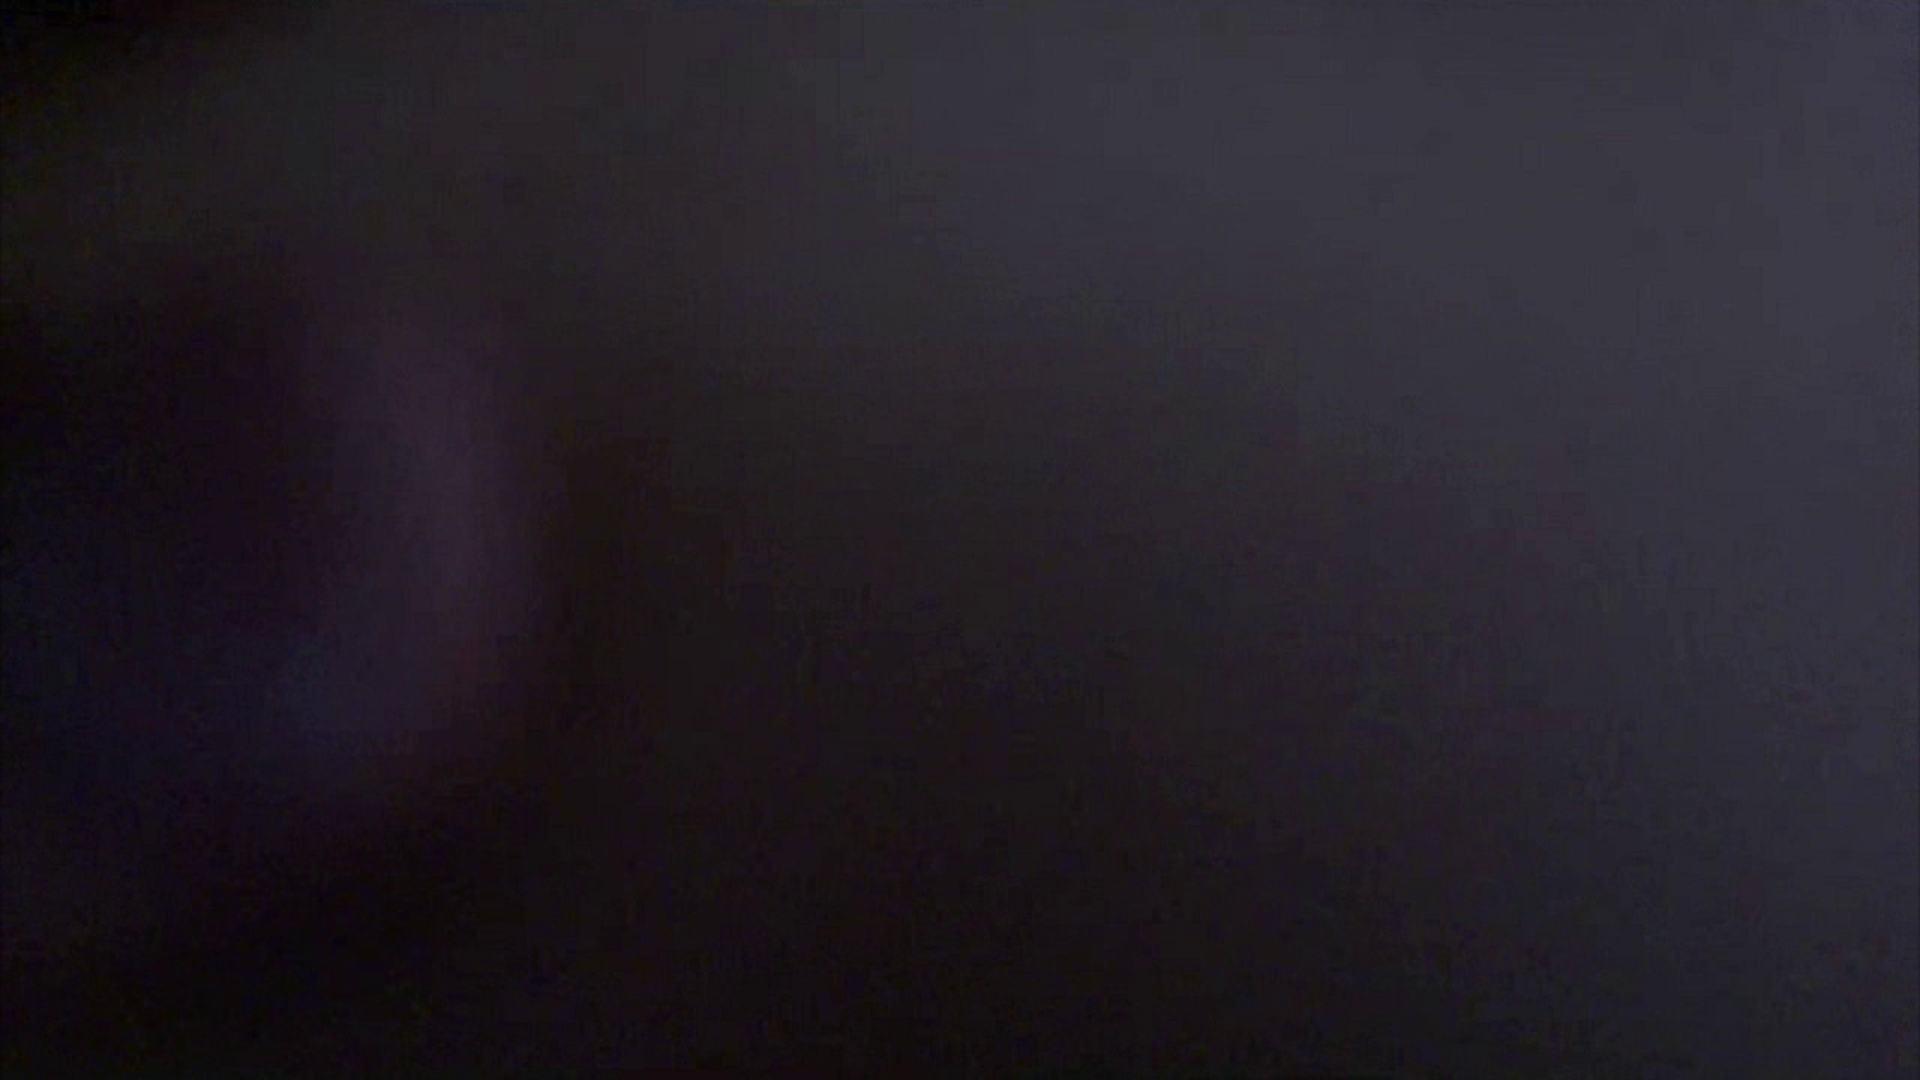 vol.6 -後編-ユリナちゃん妊娠したら責任取るからね・・・【MKB44位】 フェラ・シーン ヌード画像 105枚 38